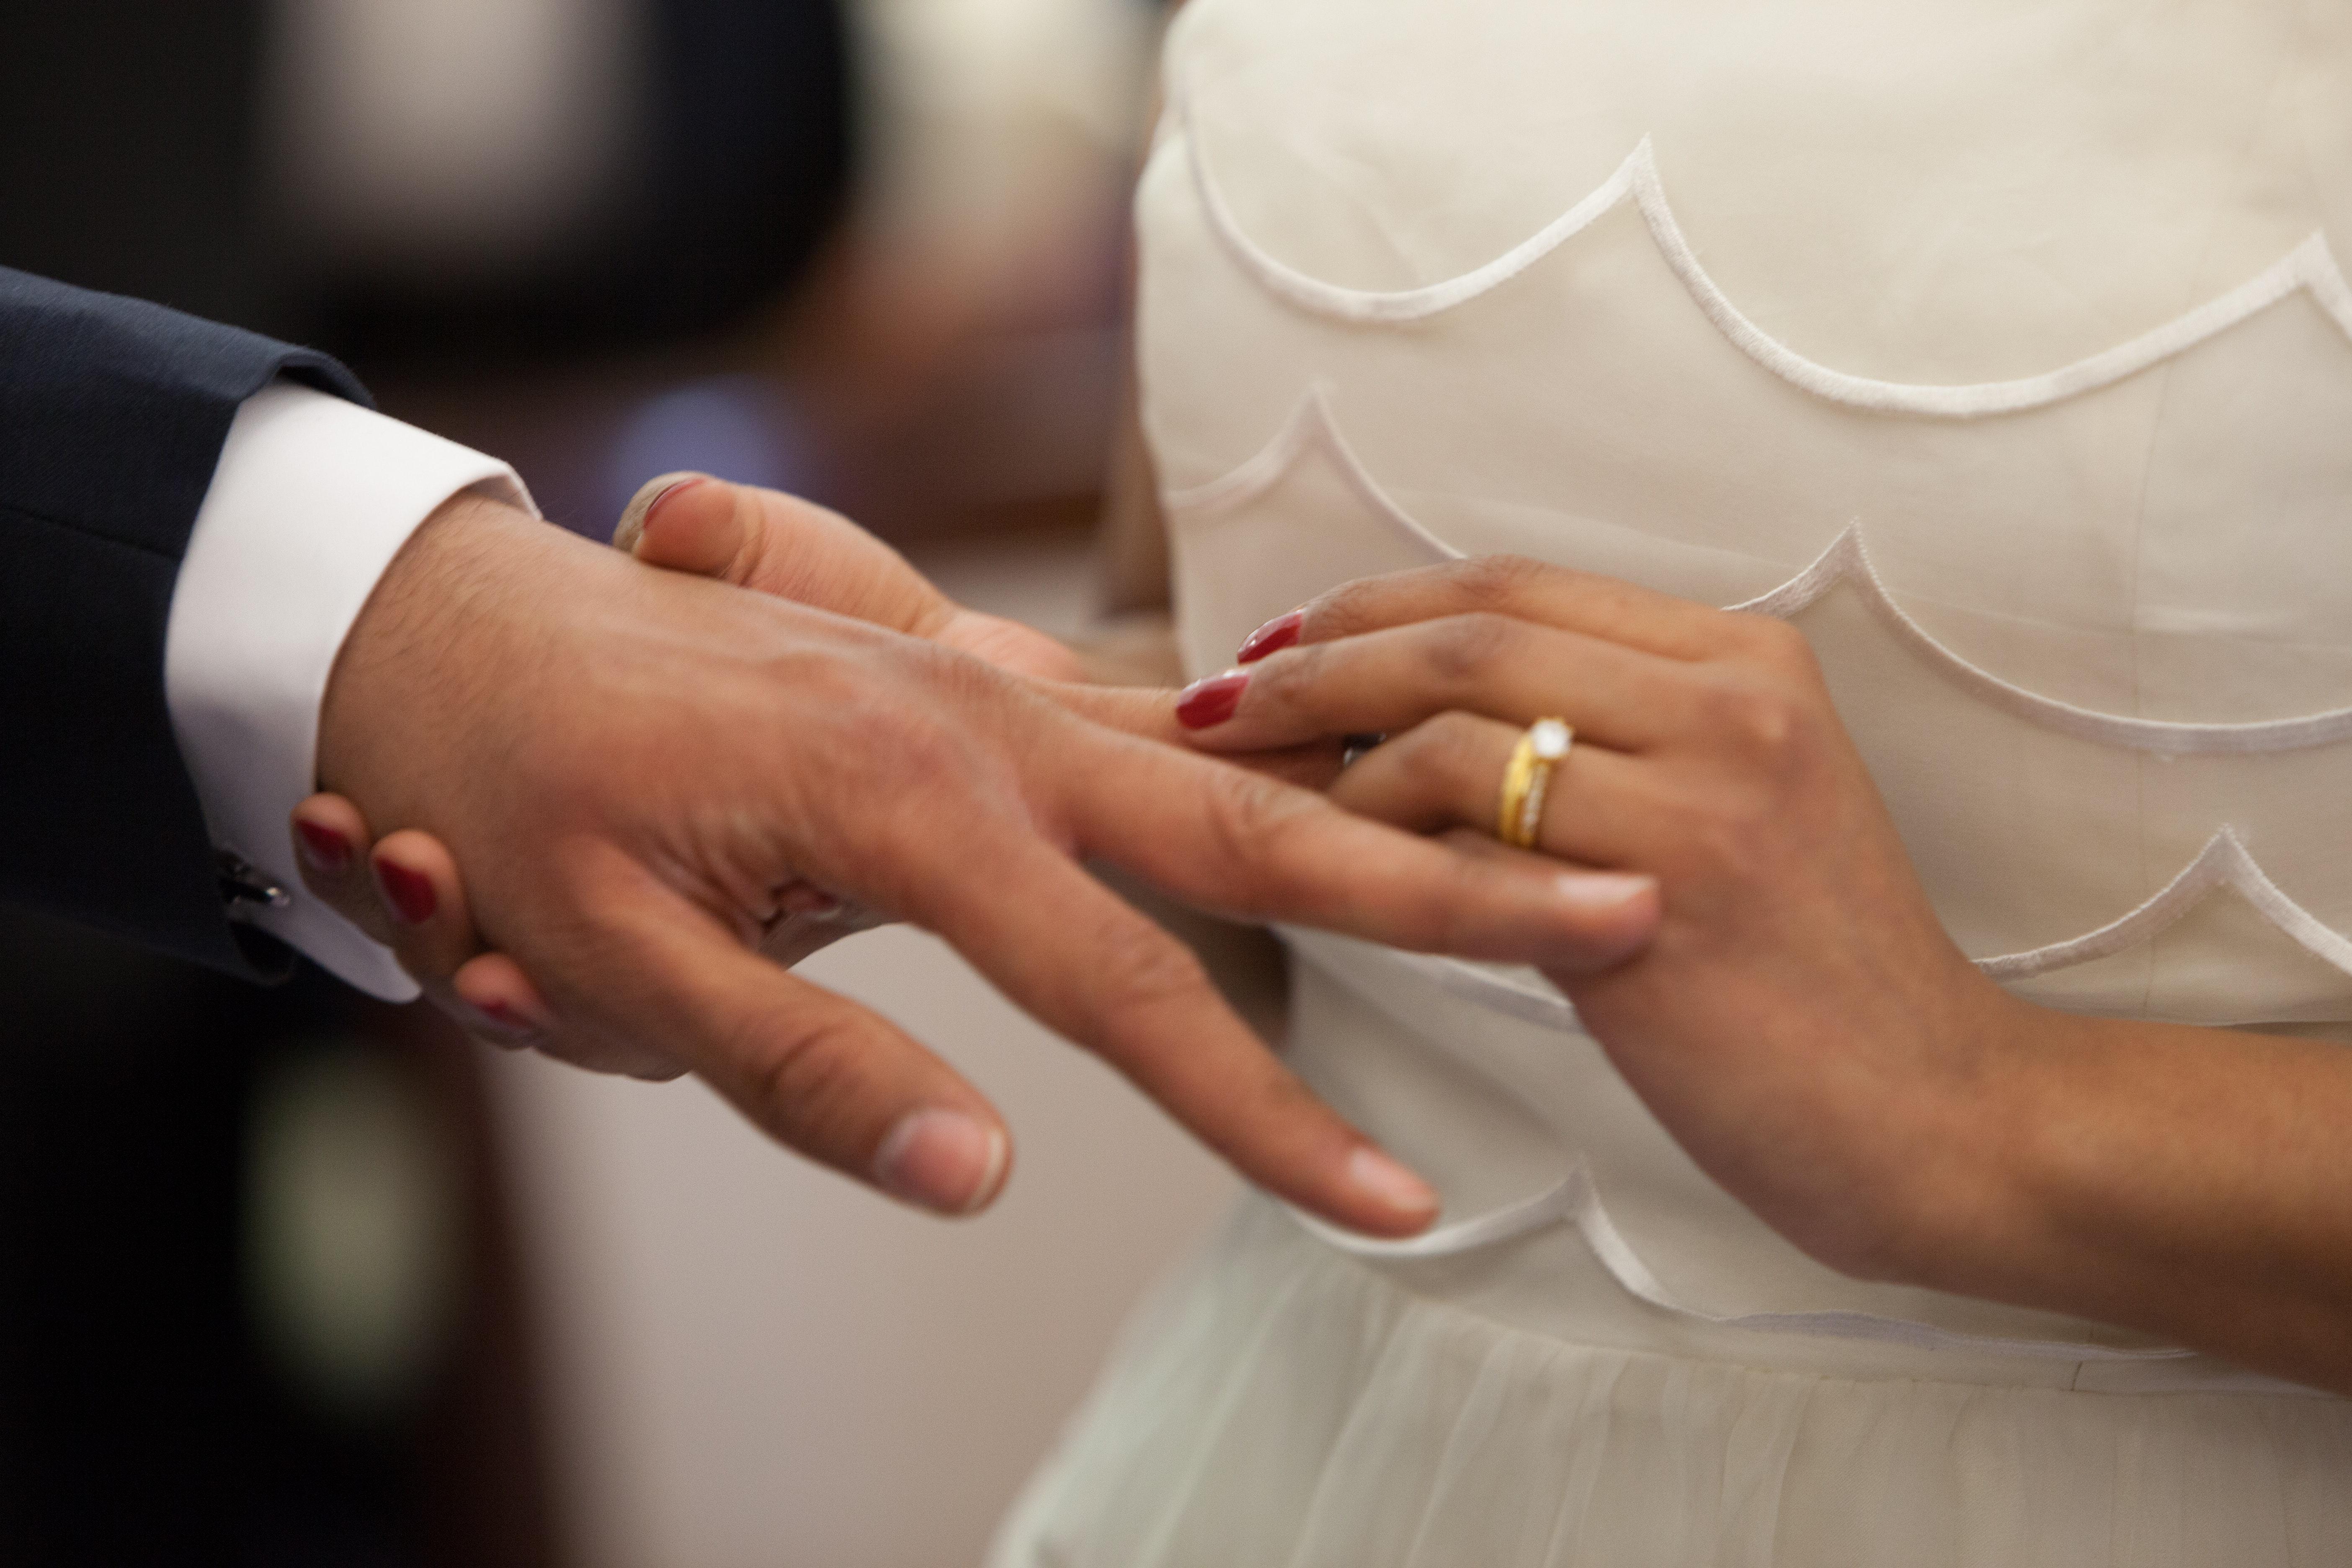 Noiva a colocar aliança no noivo